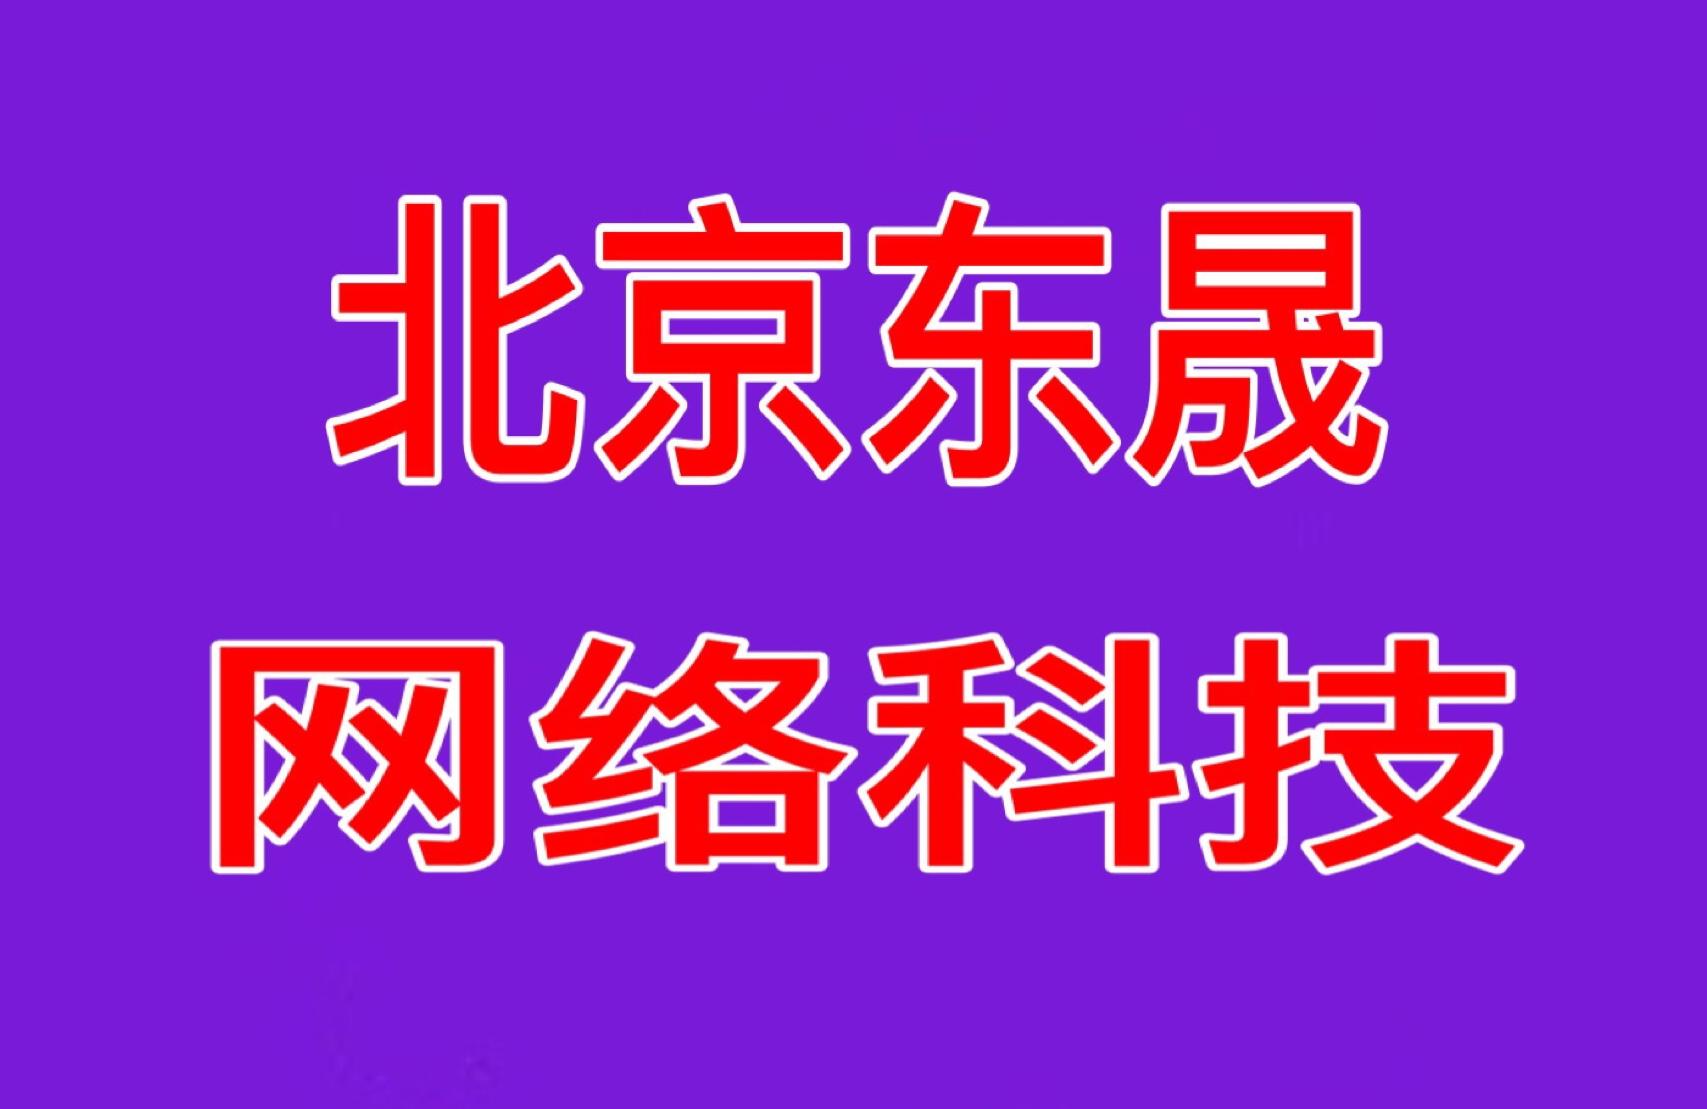 东晟网络服务加盟